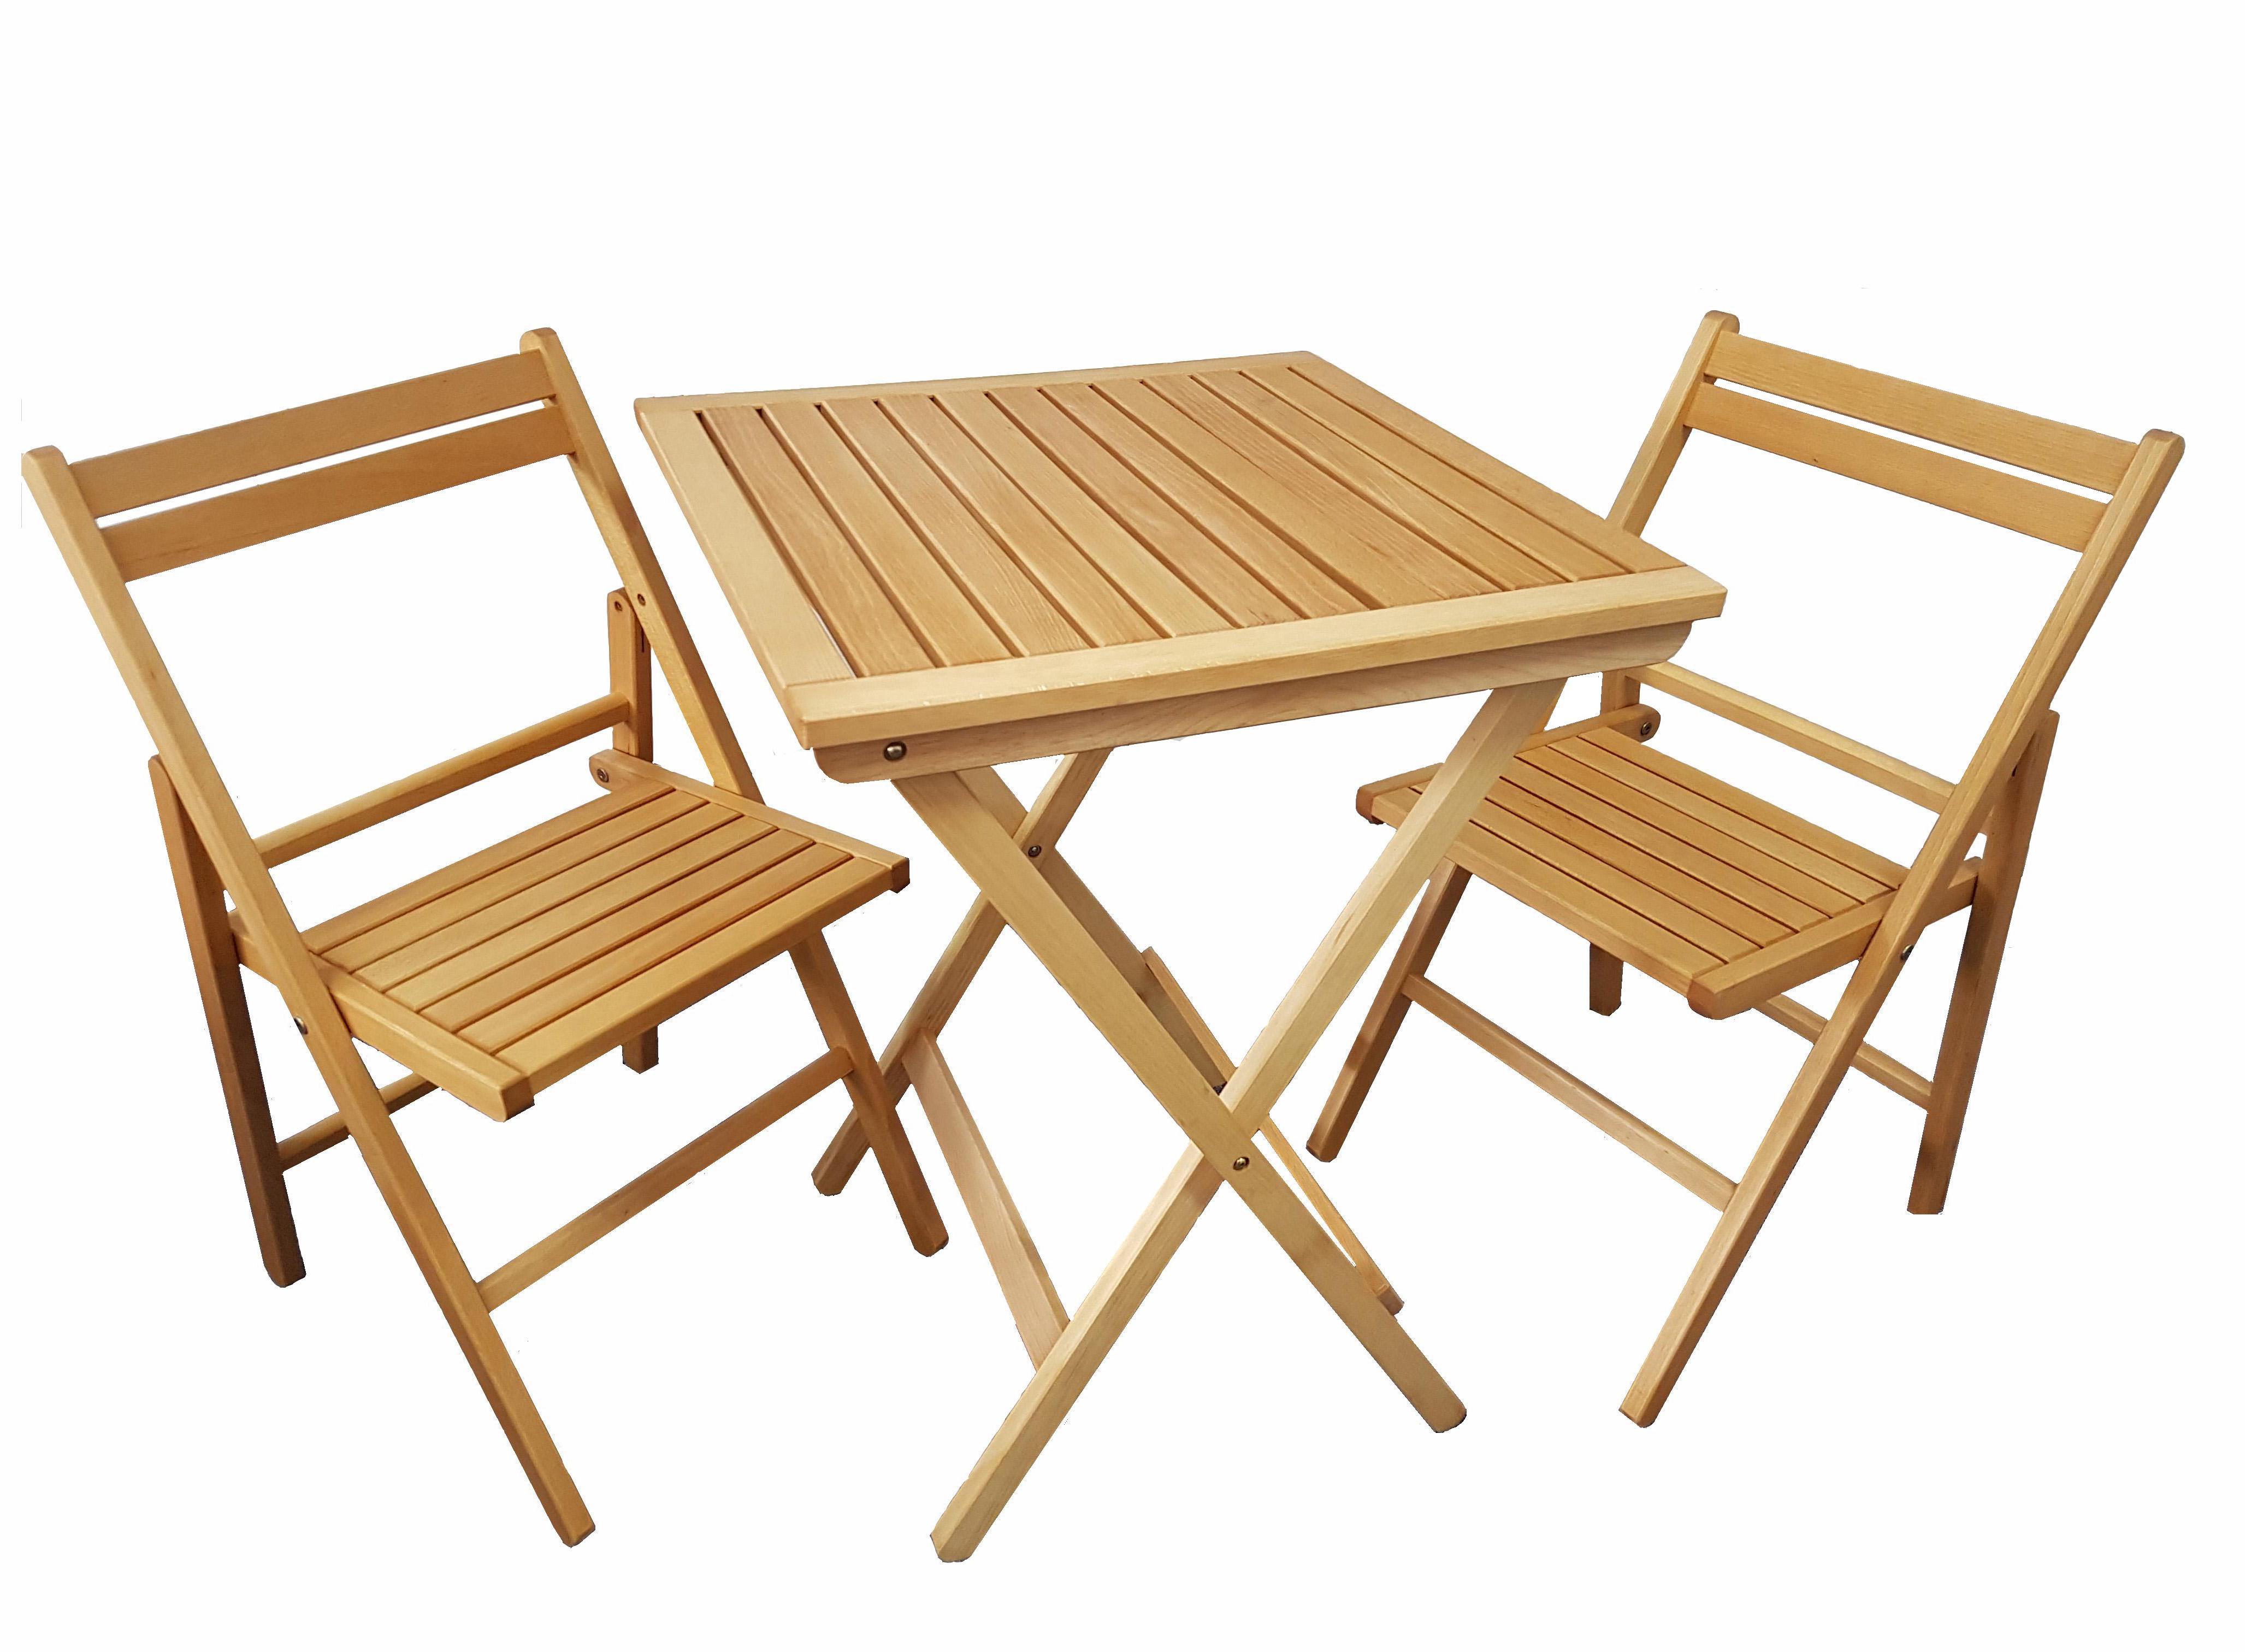 Houten Bistro set klaptafel met 2 klapstoelen